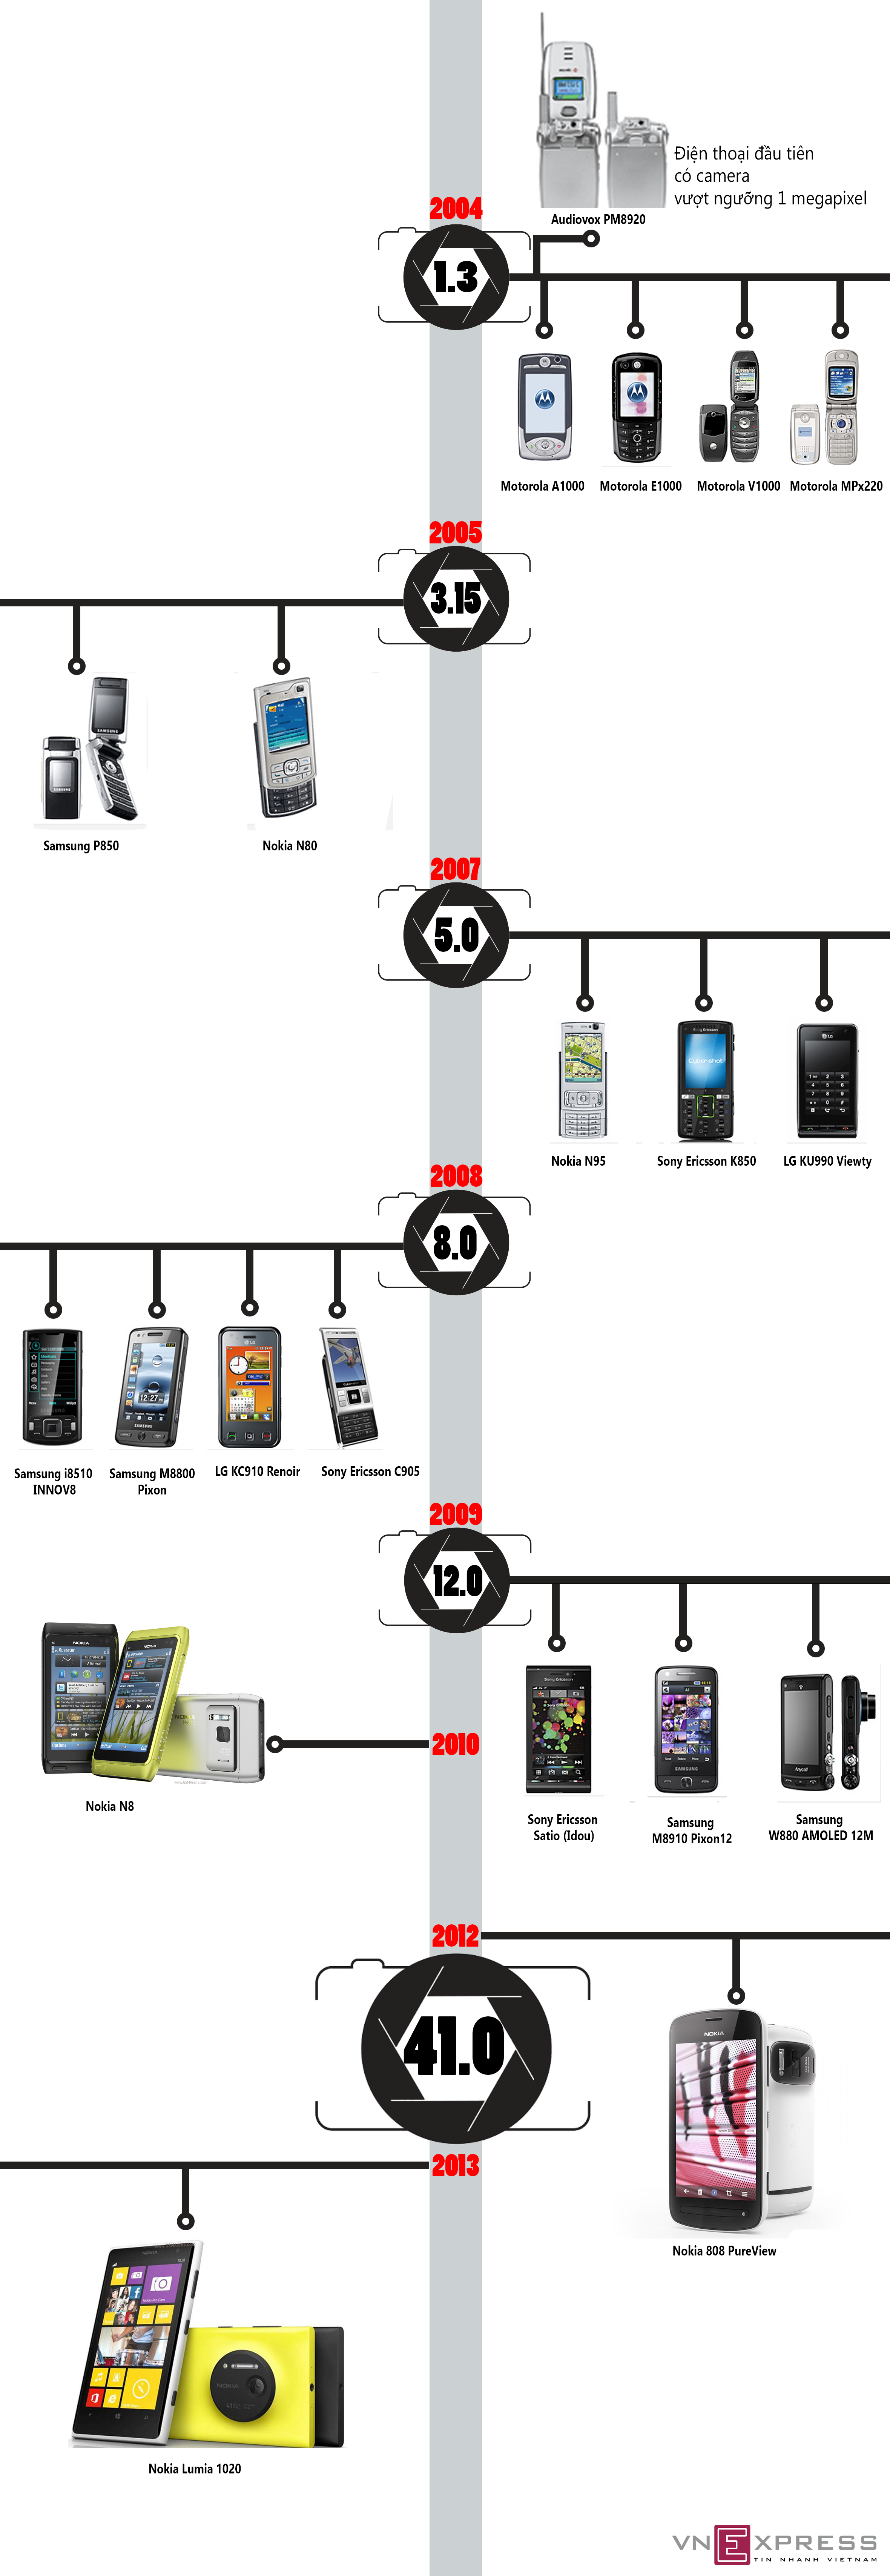 Những camera phone huyền thoại